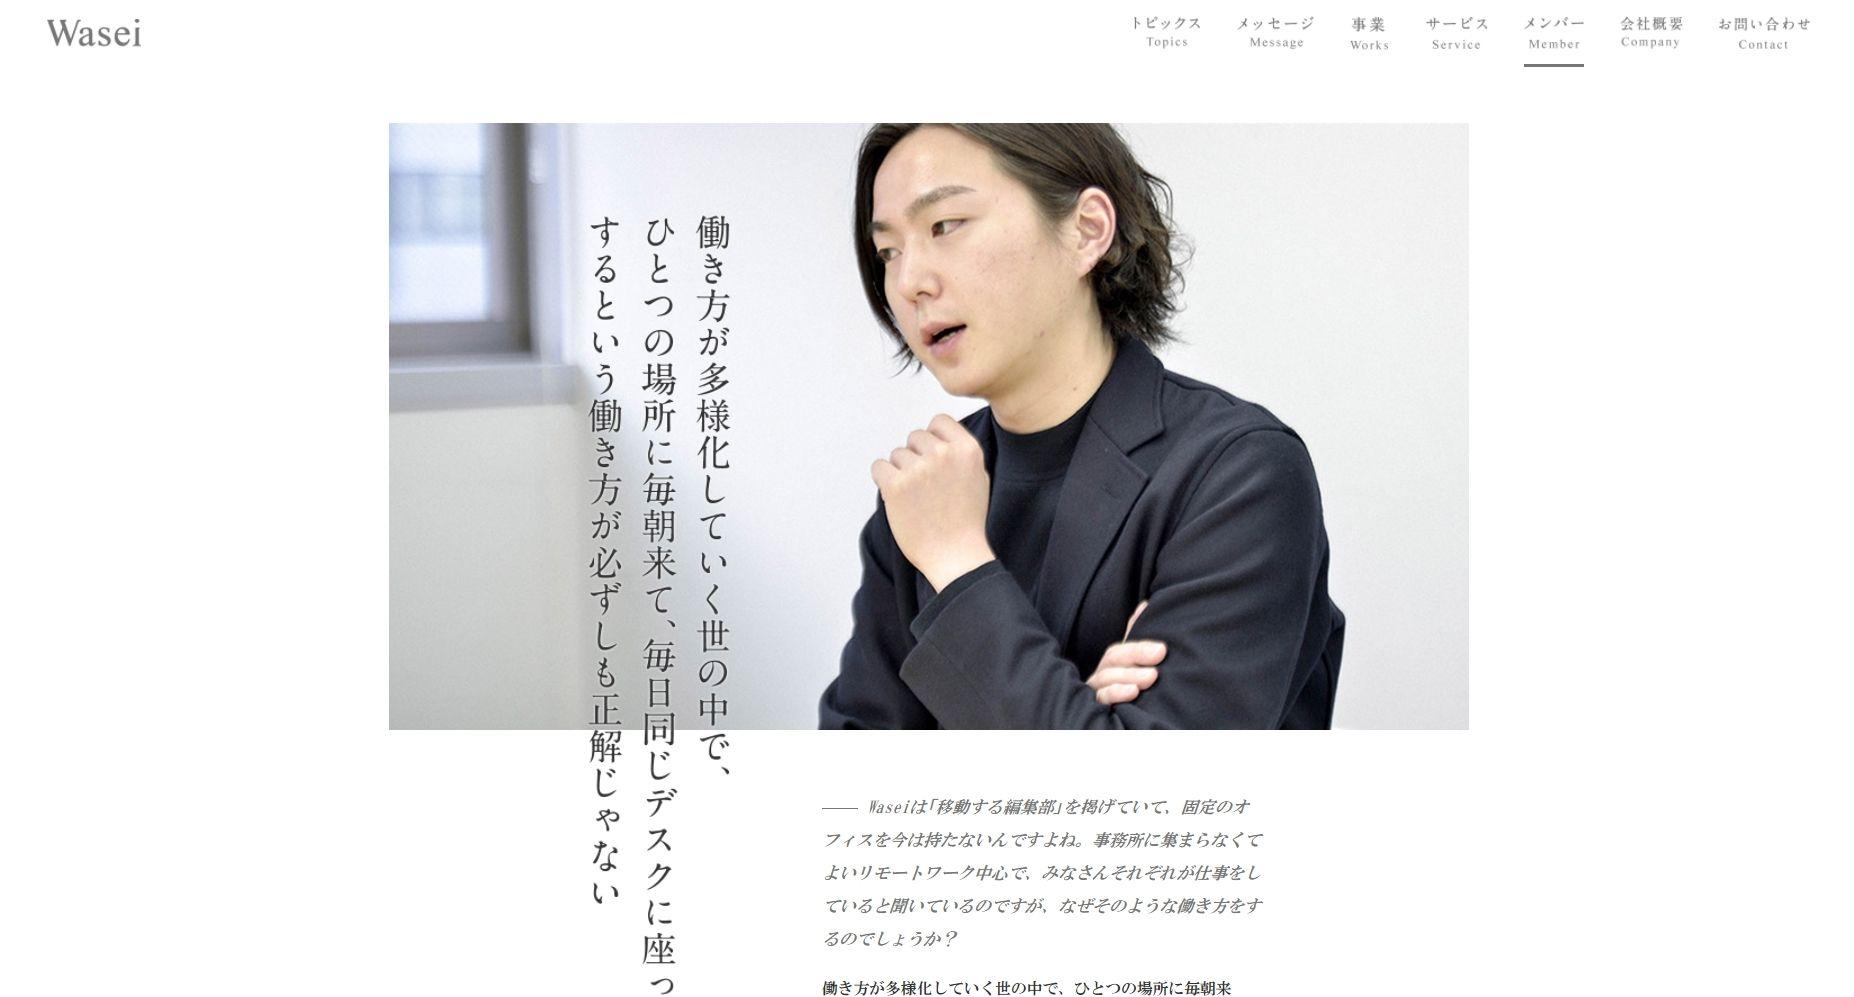 株式会社Waseiコーポレイトサイトのキャプチャ